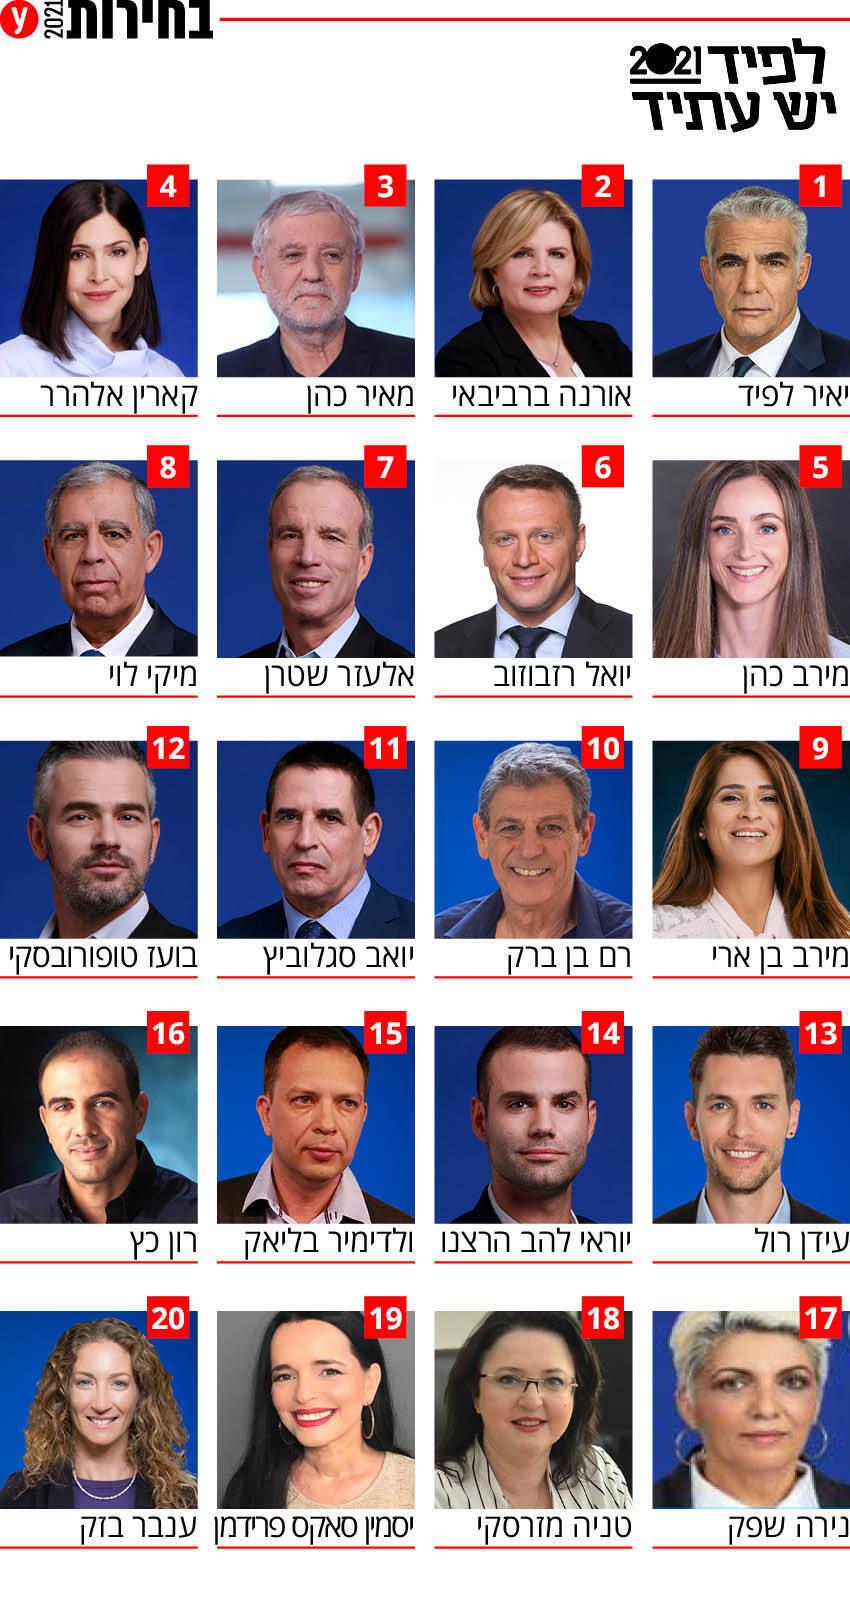 בחירות 2021 רשימה רשימות מפלגת יש עתיד מפלגה מועמדים